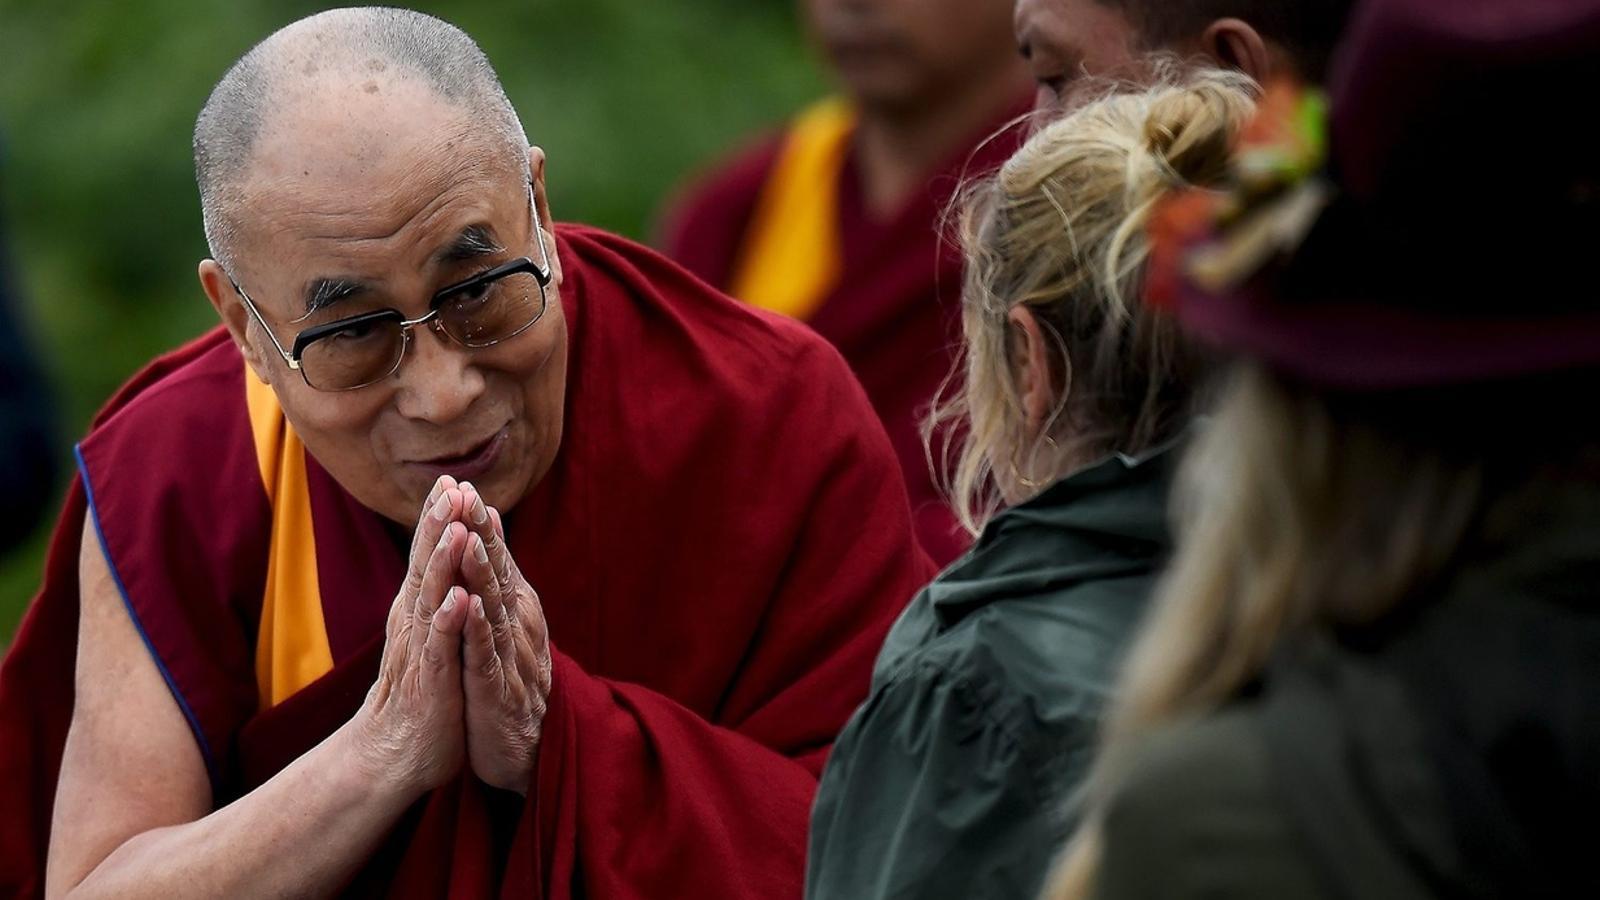 El futur incert del Tibet després del Dalai-lama